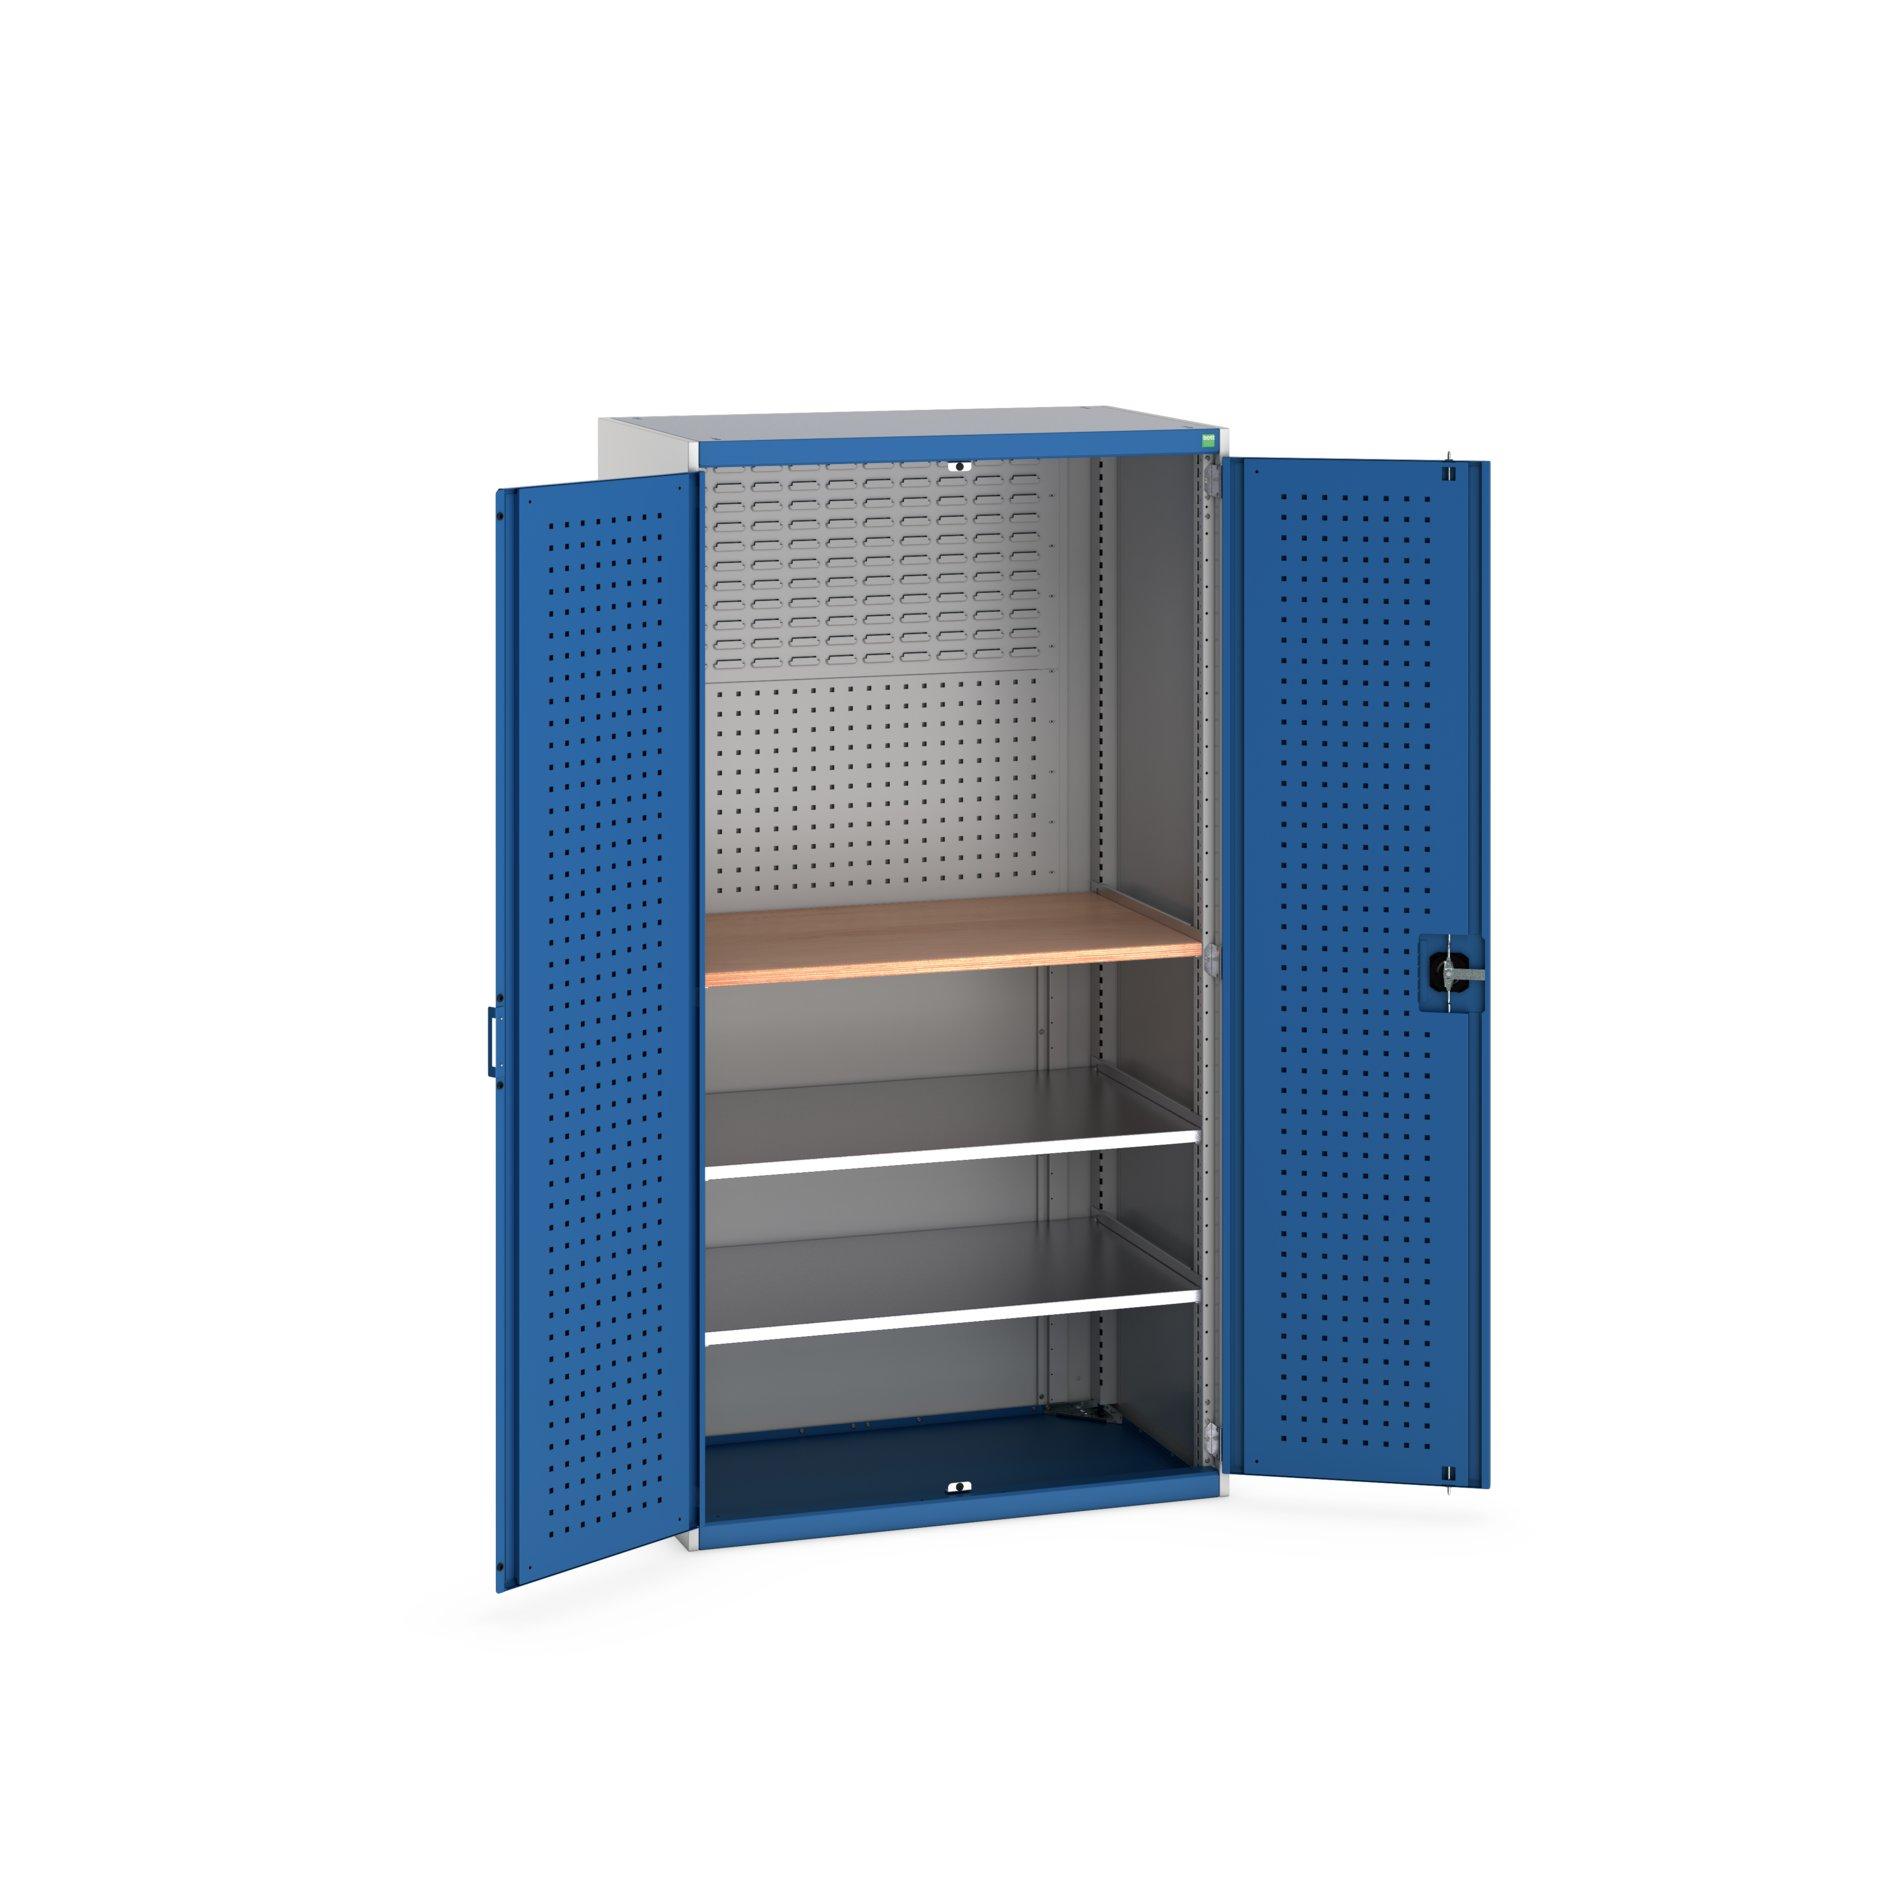 Bott Cubio Mini Workshop Cupboard